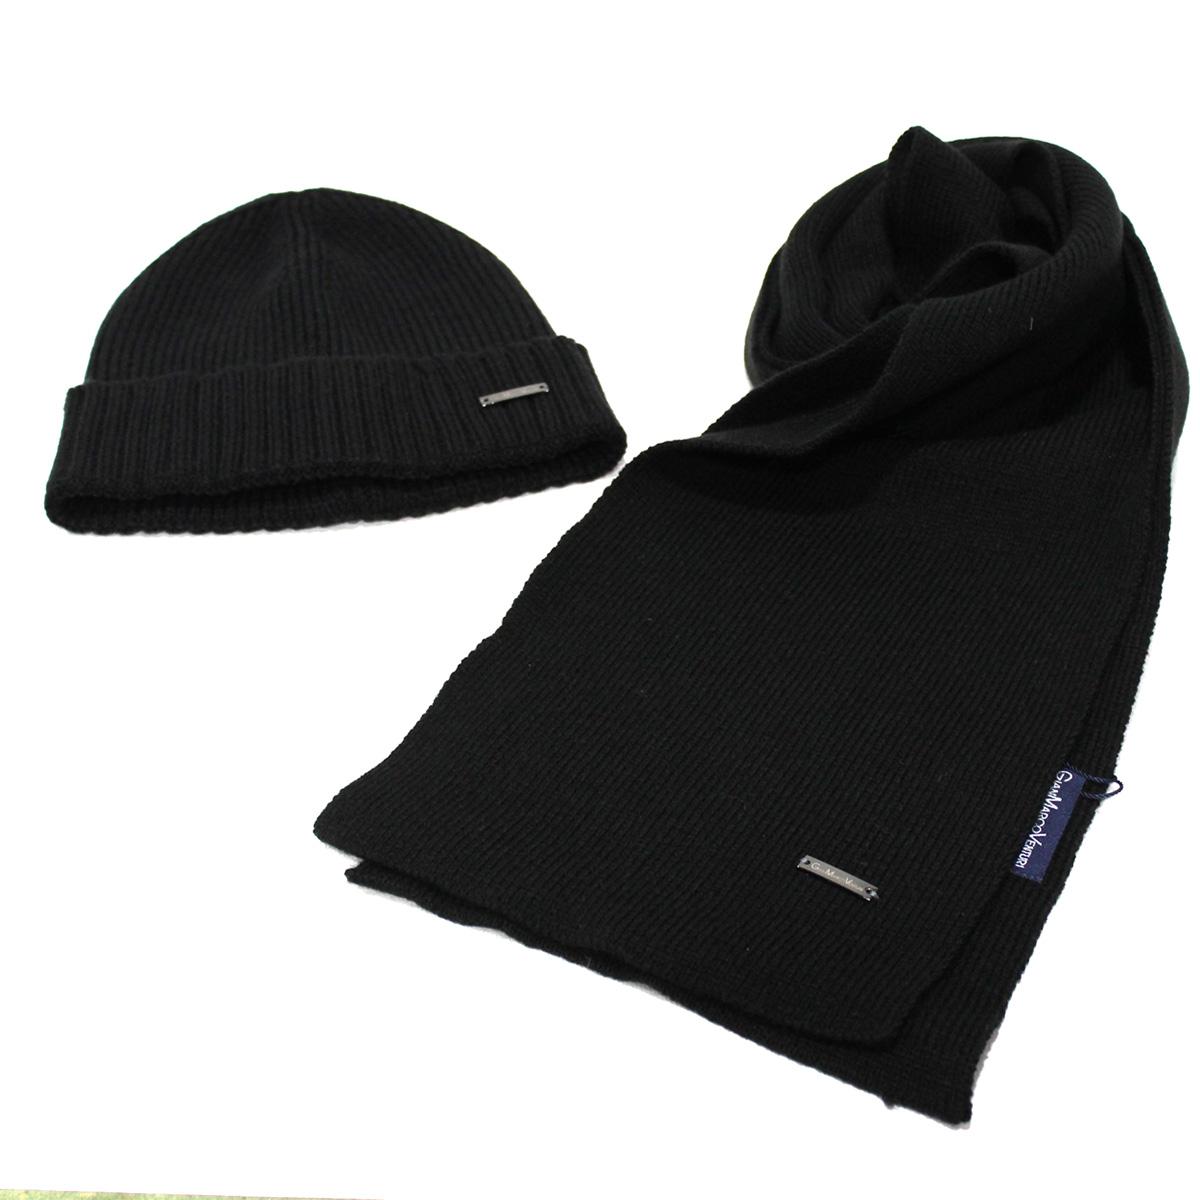 Set sciarpa e cappello uomo 100% ACRILICO in box GIAN MARCO VENTURI 79541  nero d1b7d247aafd